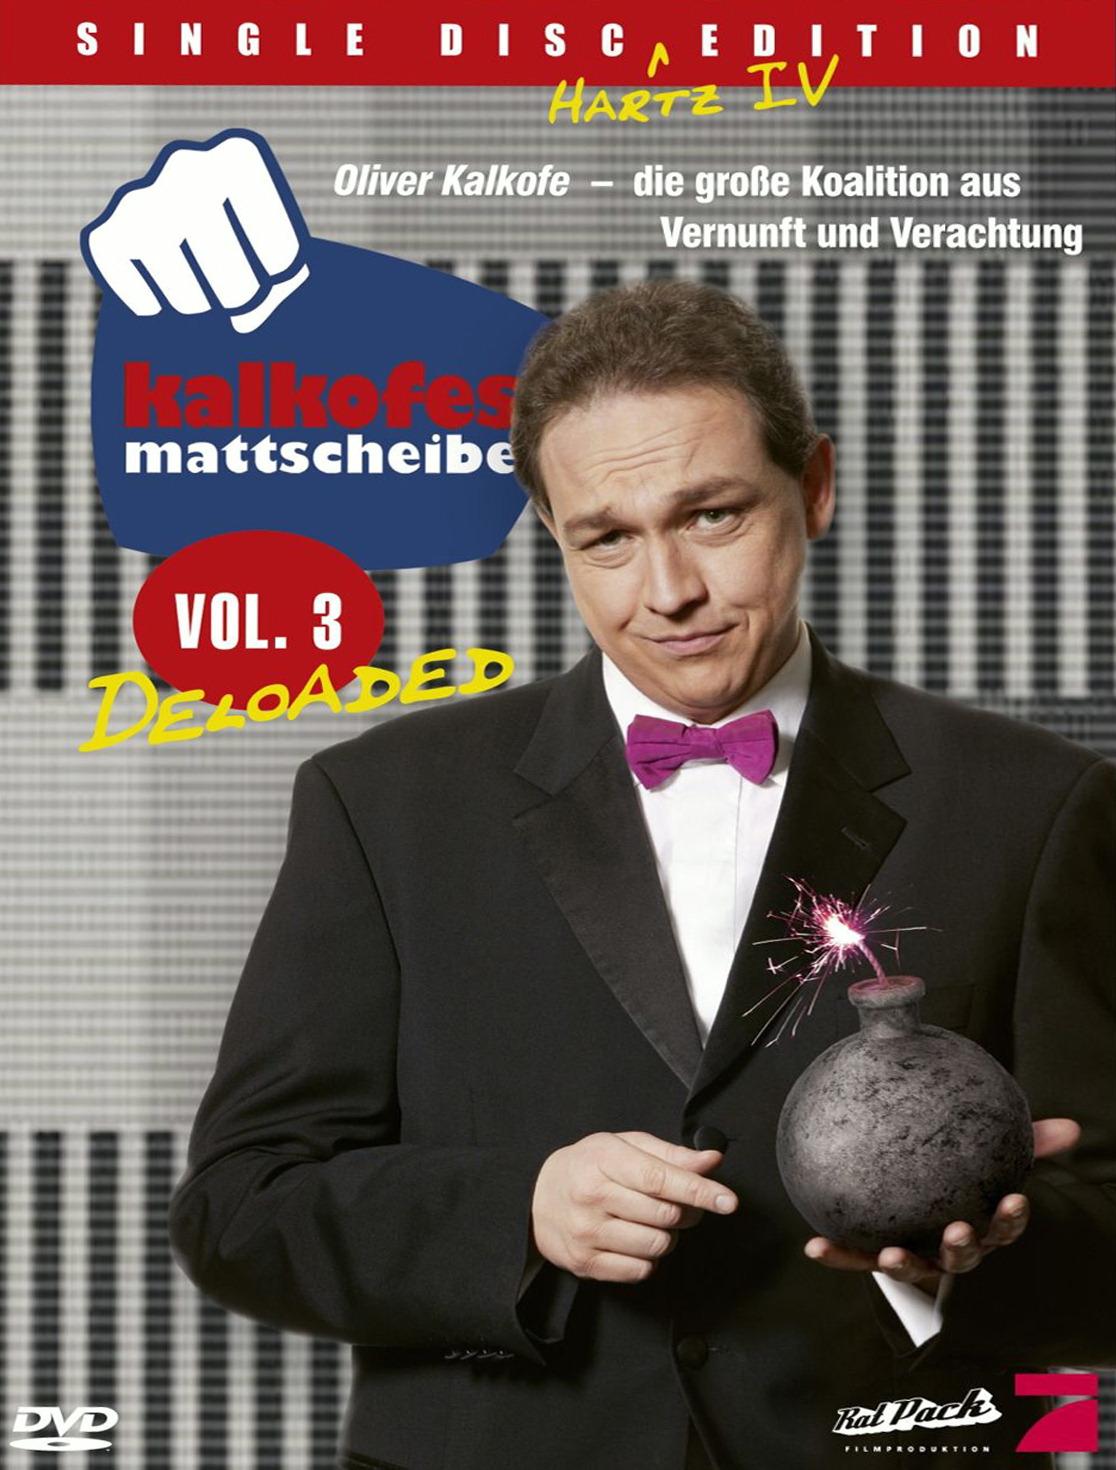 Kalkofes Mattscheibe Vol. 3 - Deloaded (Einzel-DVD) Poster